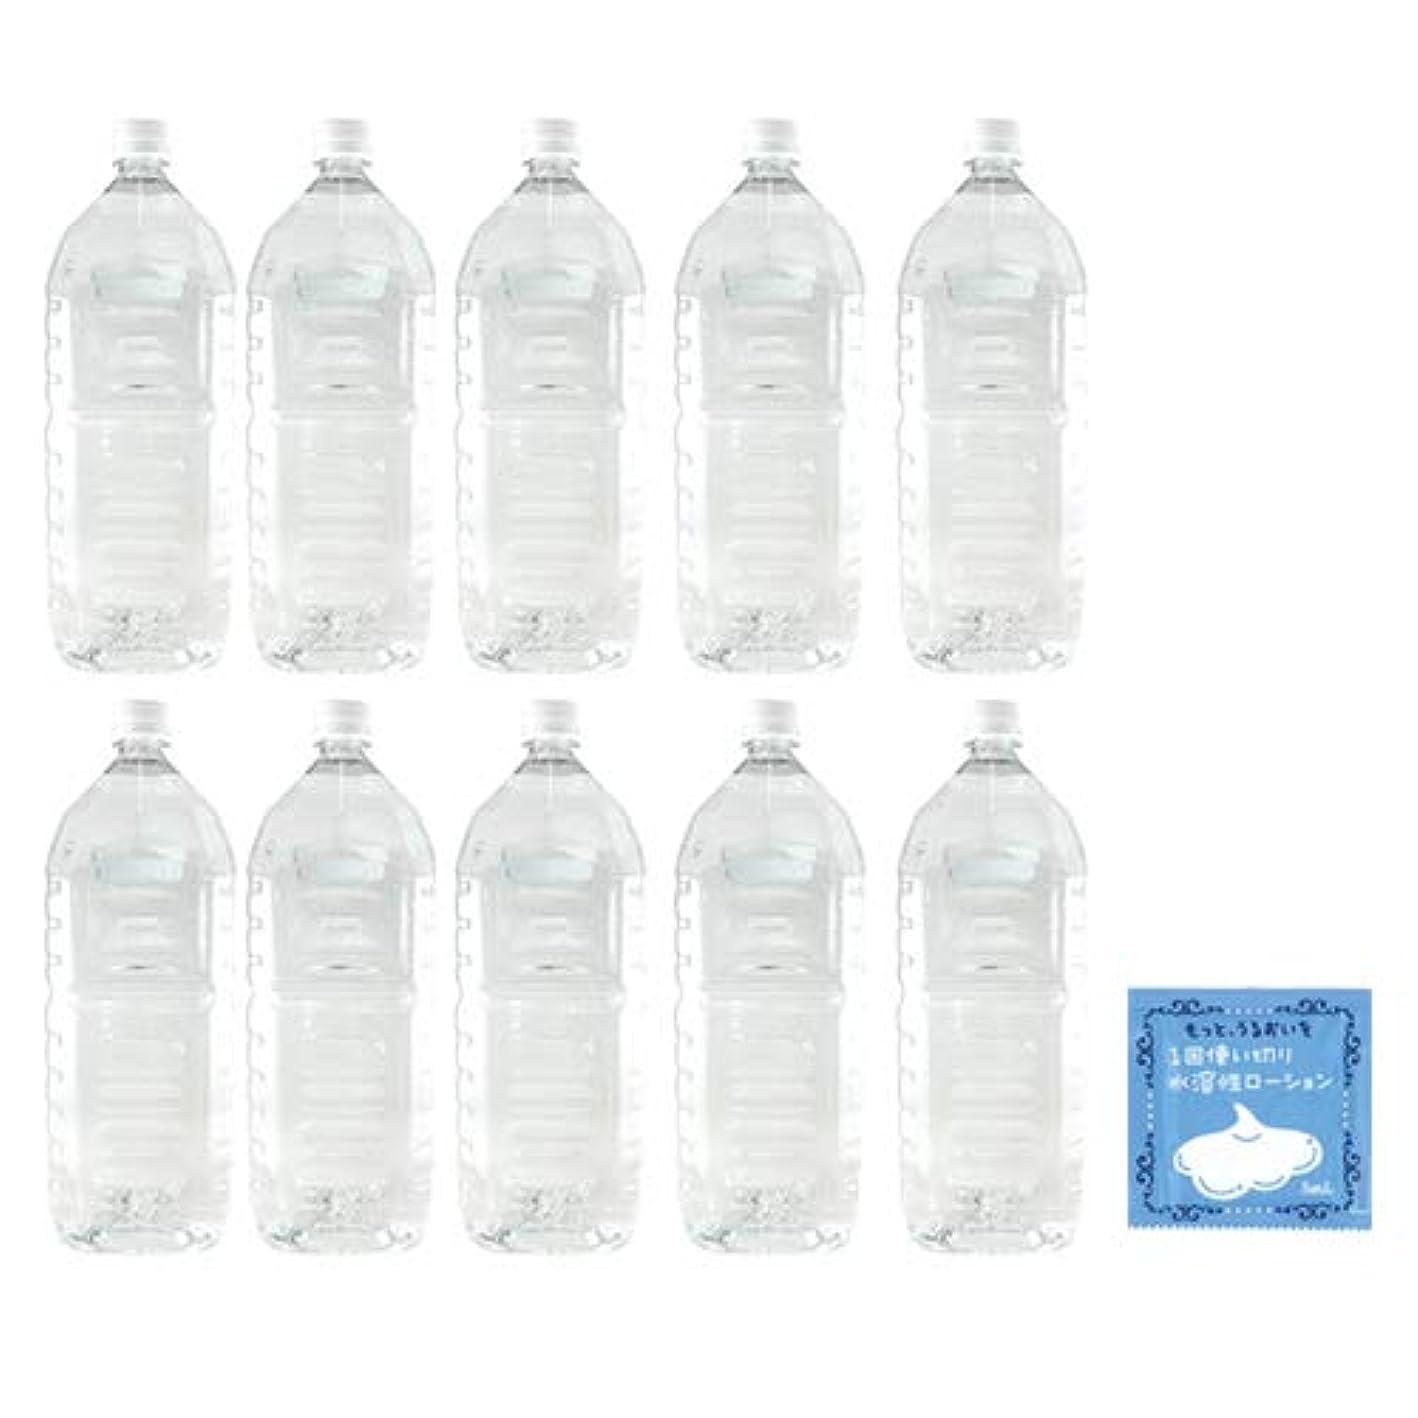 穿孔するリス保有者クリアローション 2Lペットボトル ミディアムタイプ 業務用ローション×10本 + 1回使い切り水溶性潤滑ローション